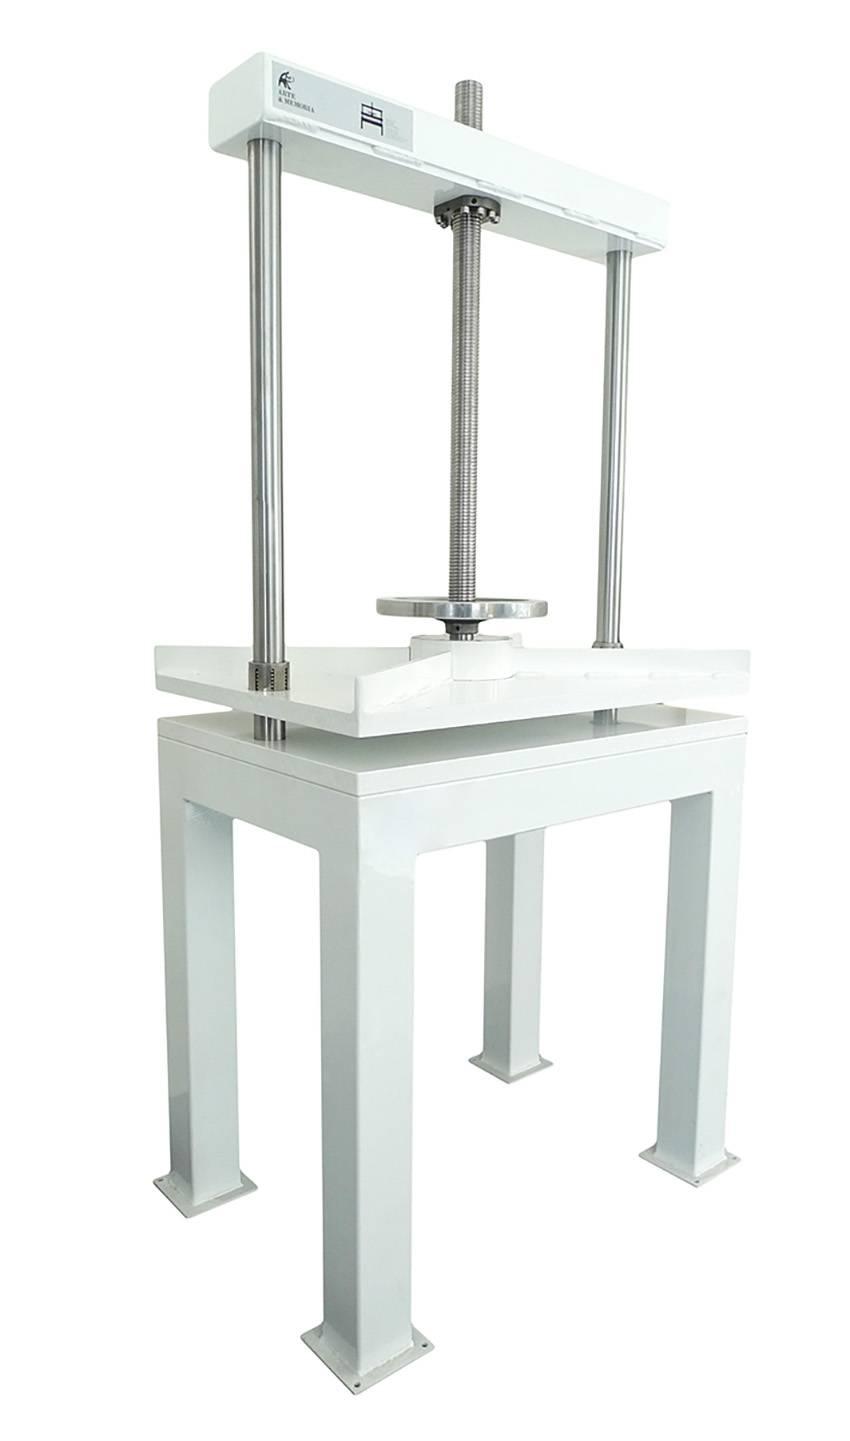 fabricaci/ón de modelos carpinter/ía met/álica Prensa de mesa Hi-Spec de 75 mm con giratorio abrazadera de mesa y mordazas con cubierta de goma endurecida para equipos de hobby